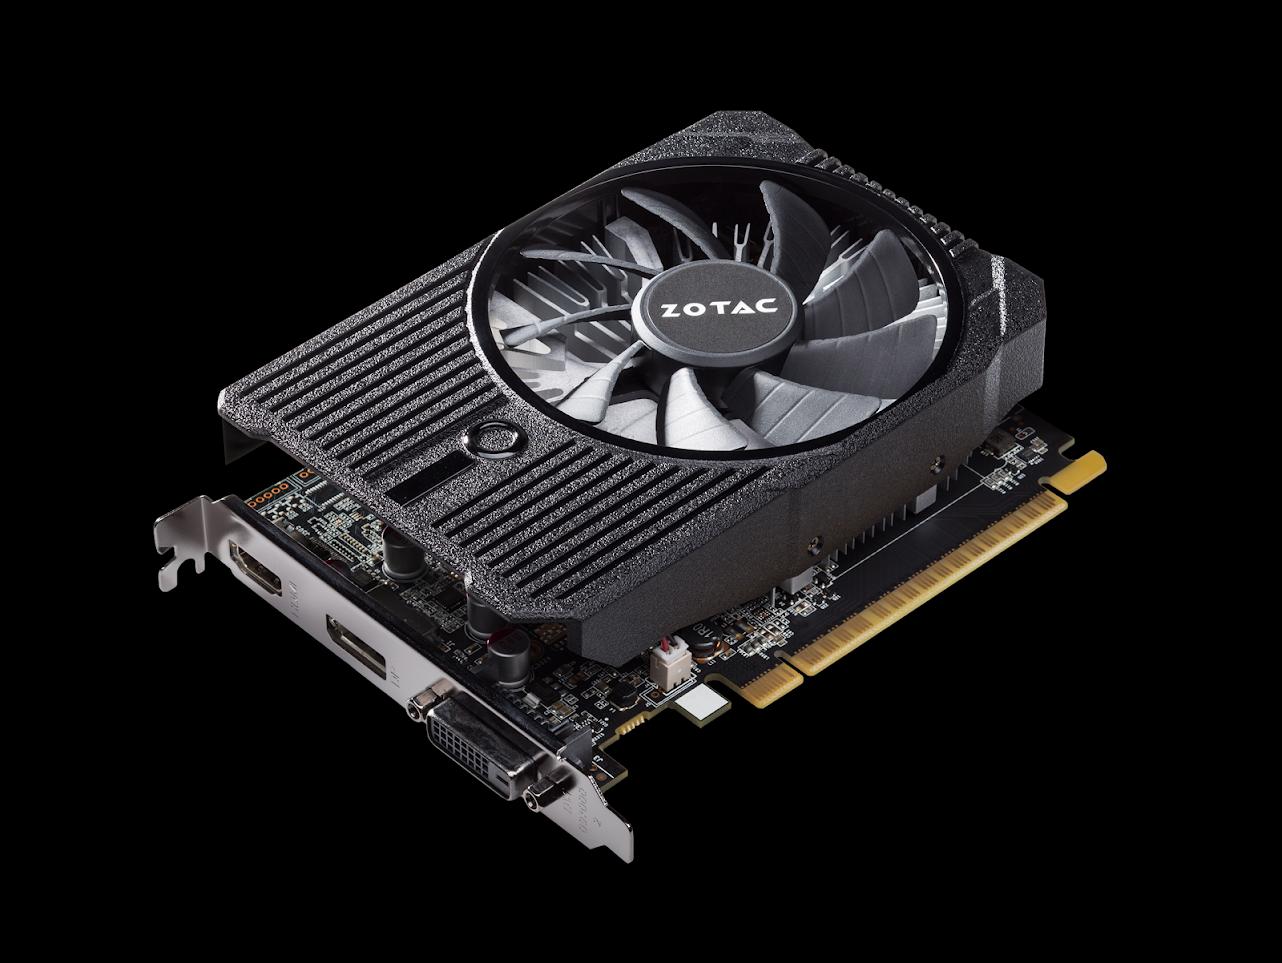 ... thông tin và thông số kỹ thuật trên GeForce GTX 1050 và GTX 1050 Ti,các  bạn có thể xem tại http://www.geforce.com/hardware/10series/geforce-gtx-1050